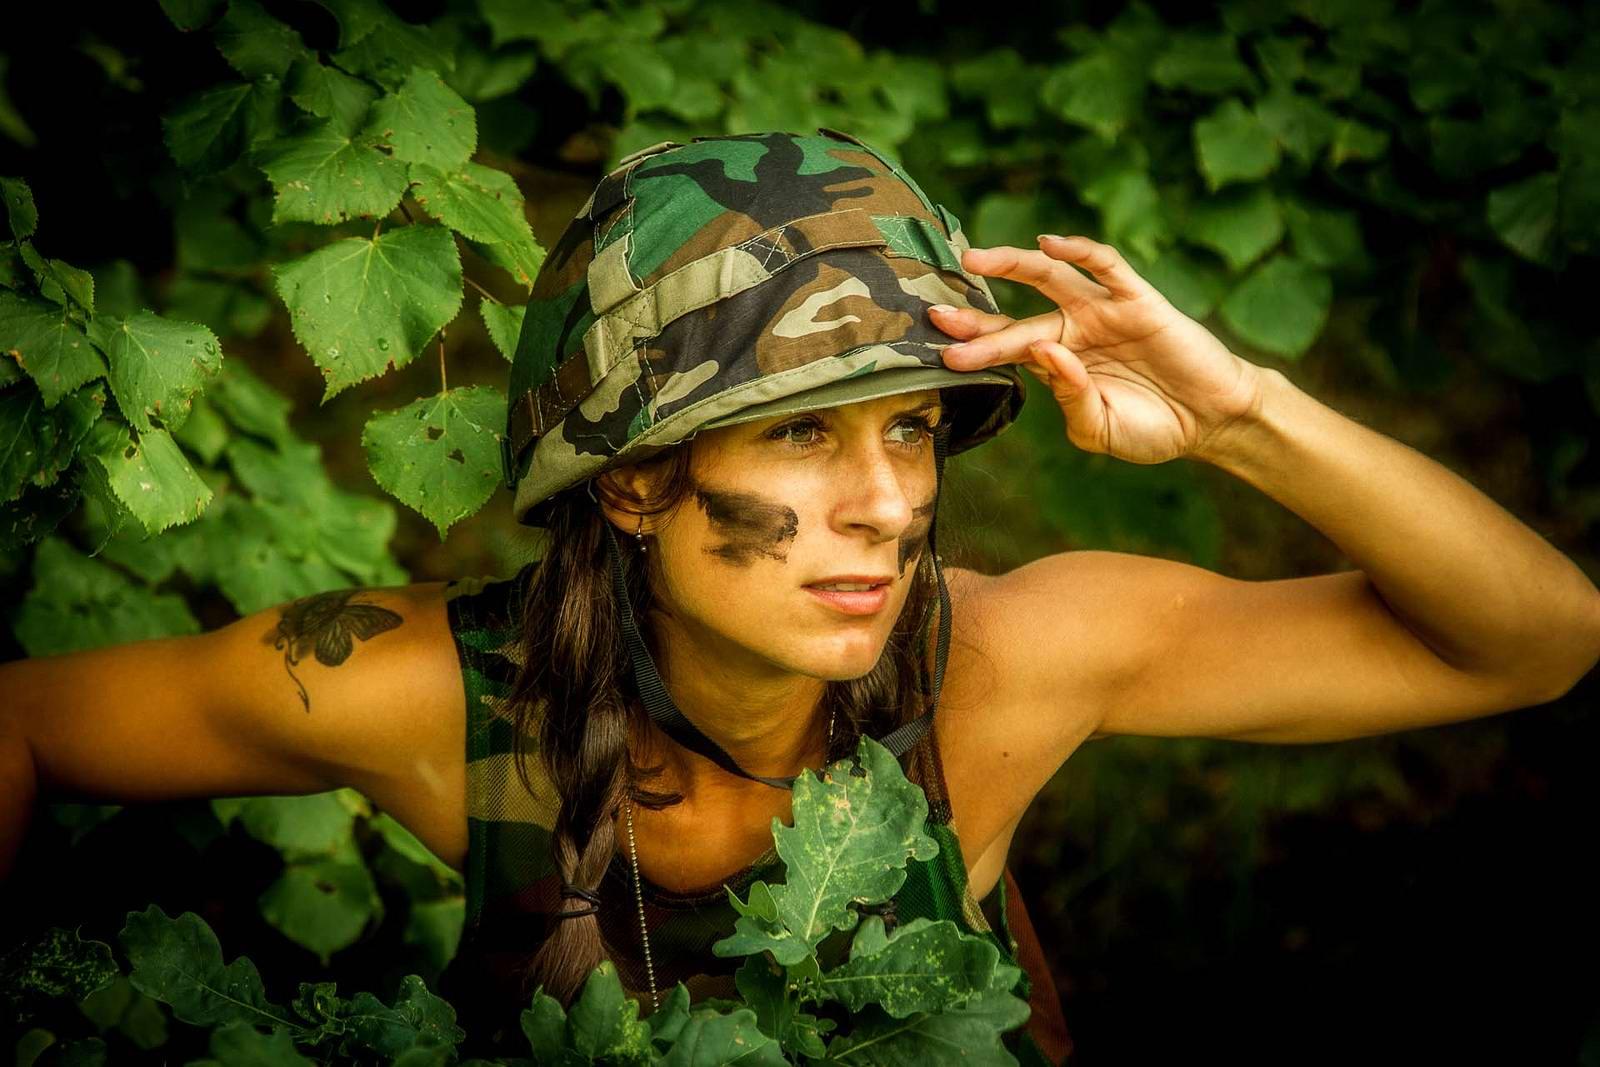 Картинки приколы женщин военных, фотограф